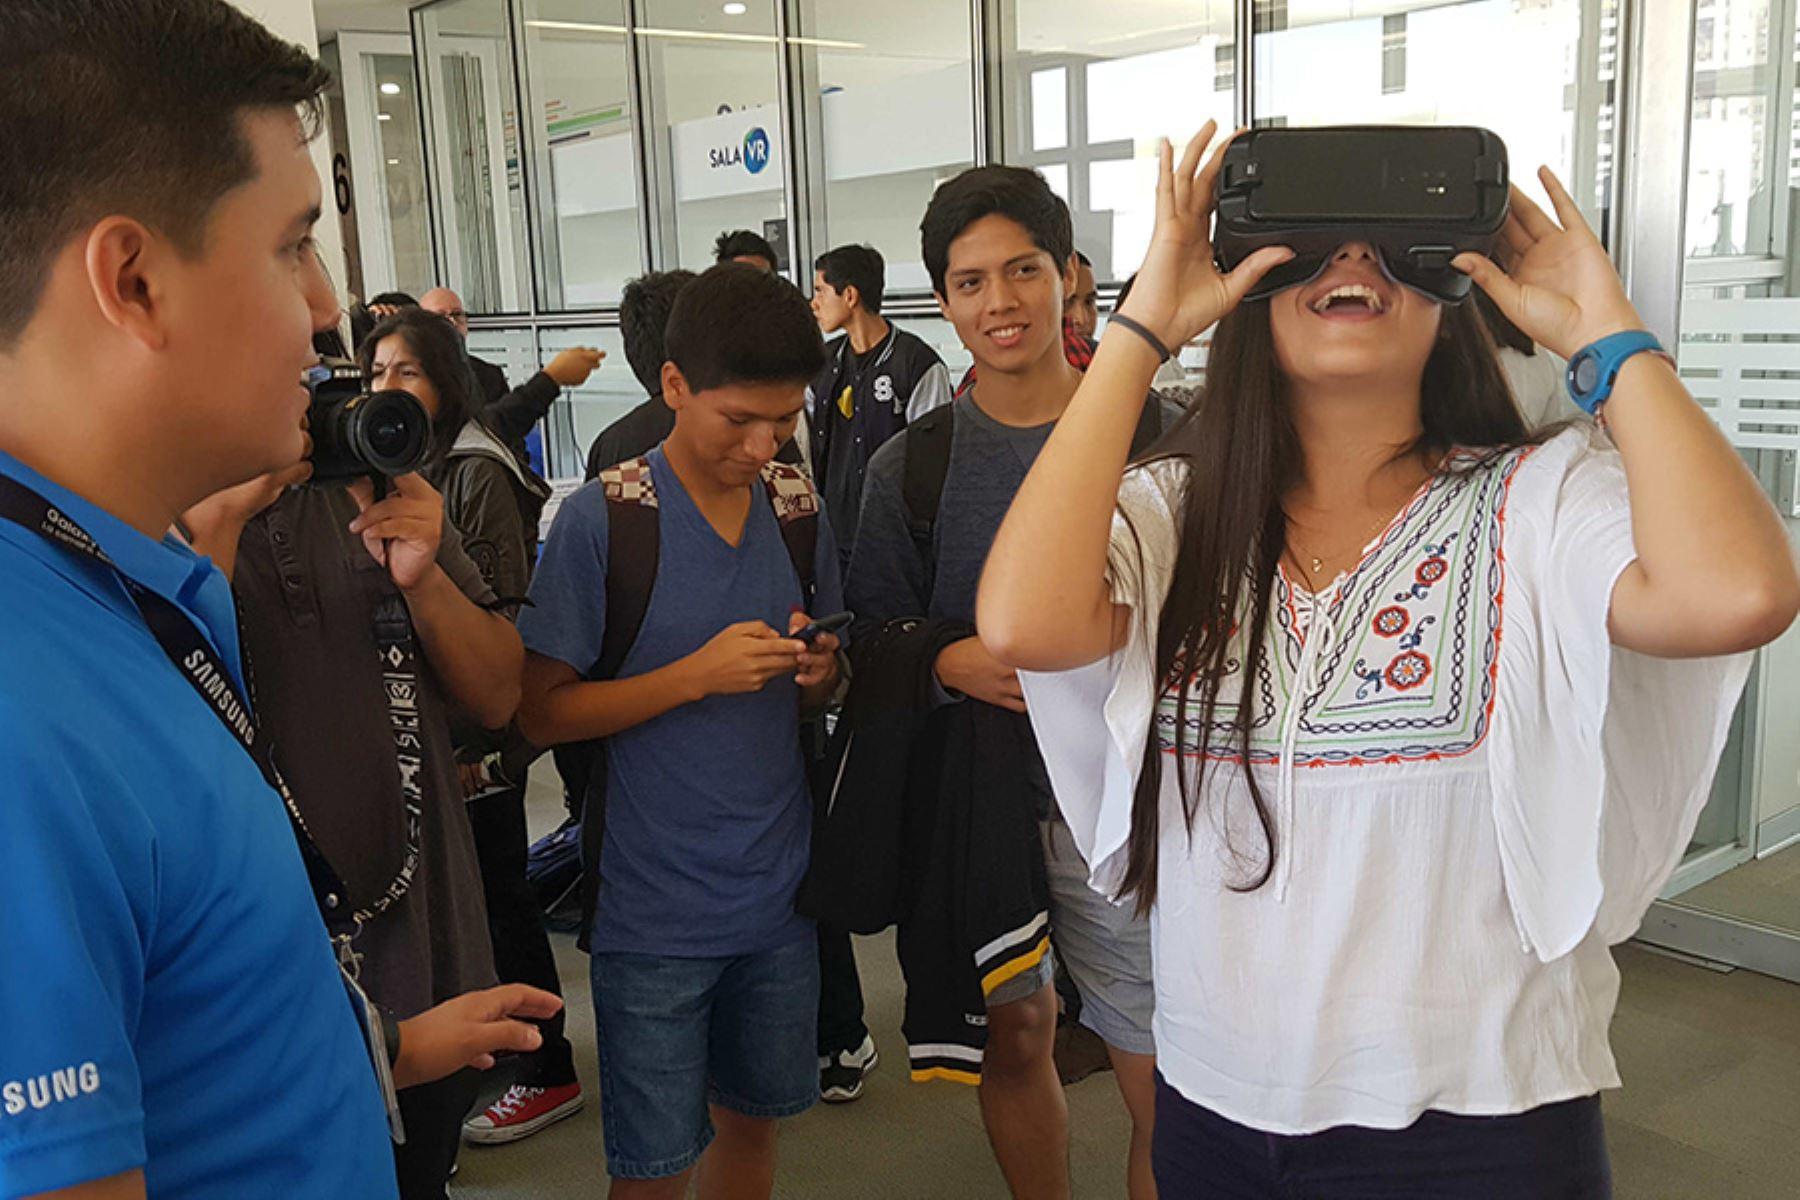 La PUCP y Samsung inauguraron una sala VR en el campus.